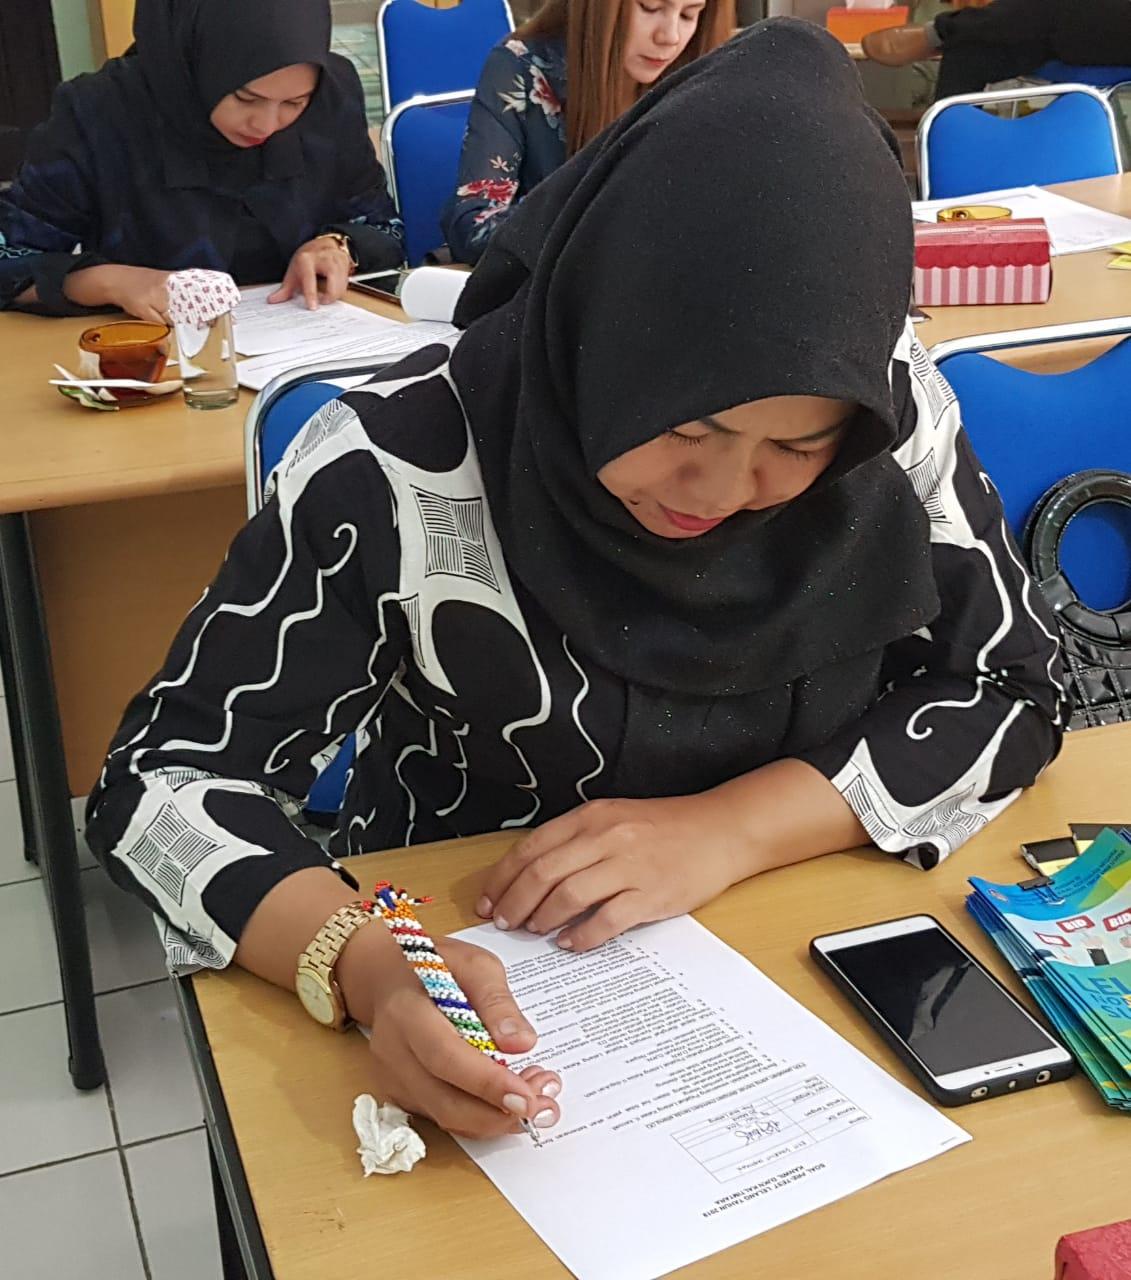 Dorong Kinerja Optimal, Kanwil DJKN Kaltimtara Sosialisasikan Peraturan Pejabat Lelang Kelas II